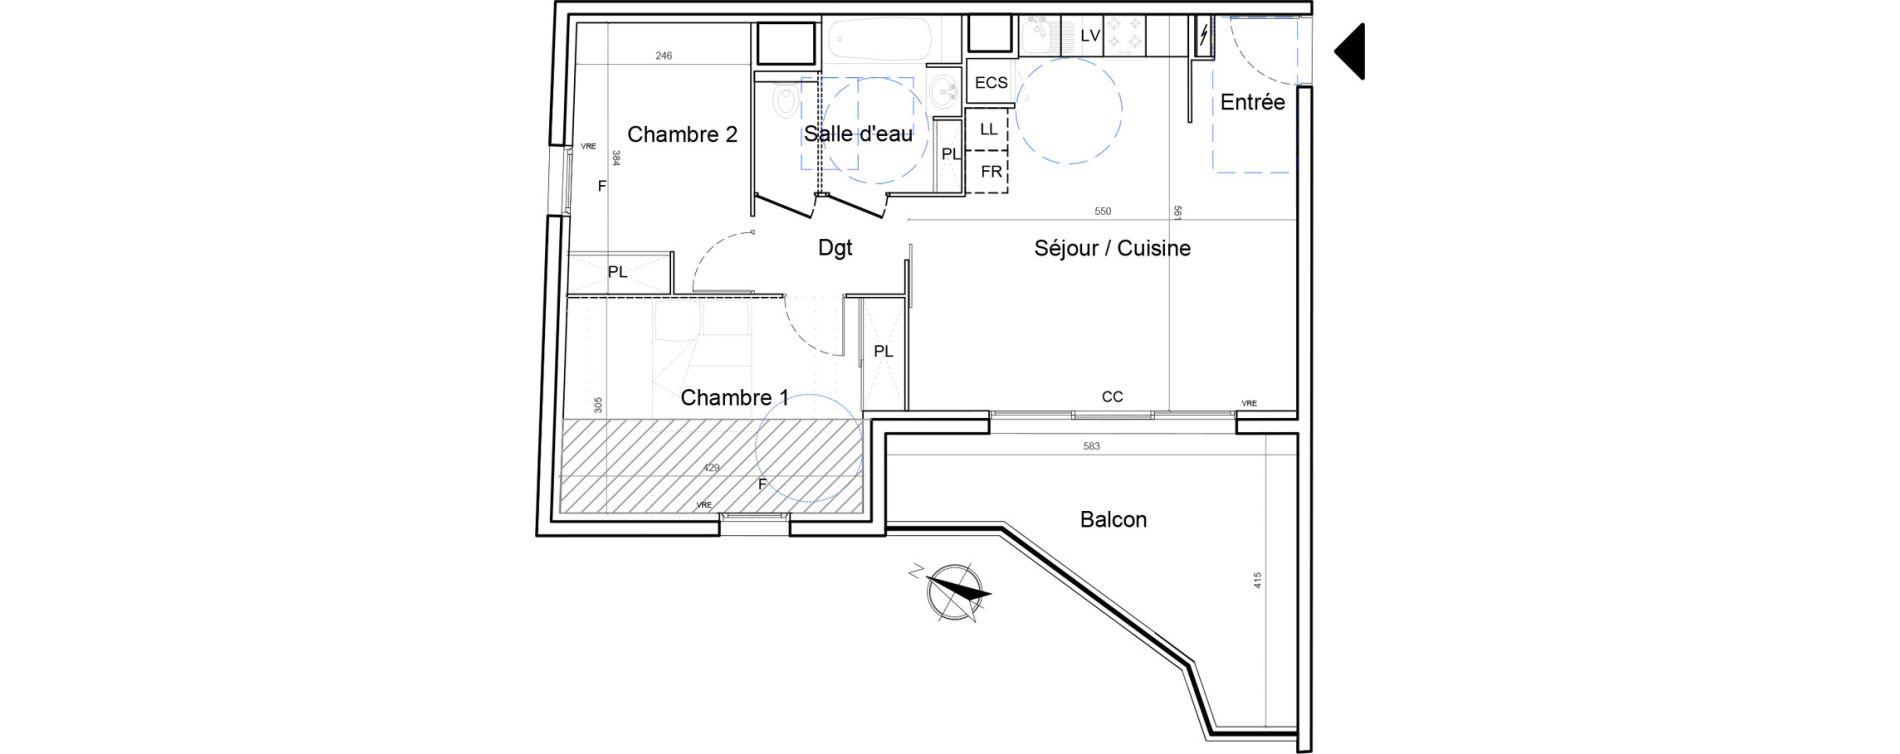 Appartement T3 de 61,05 m2 à Montpellier Lemasson